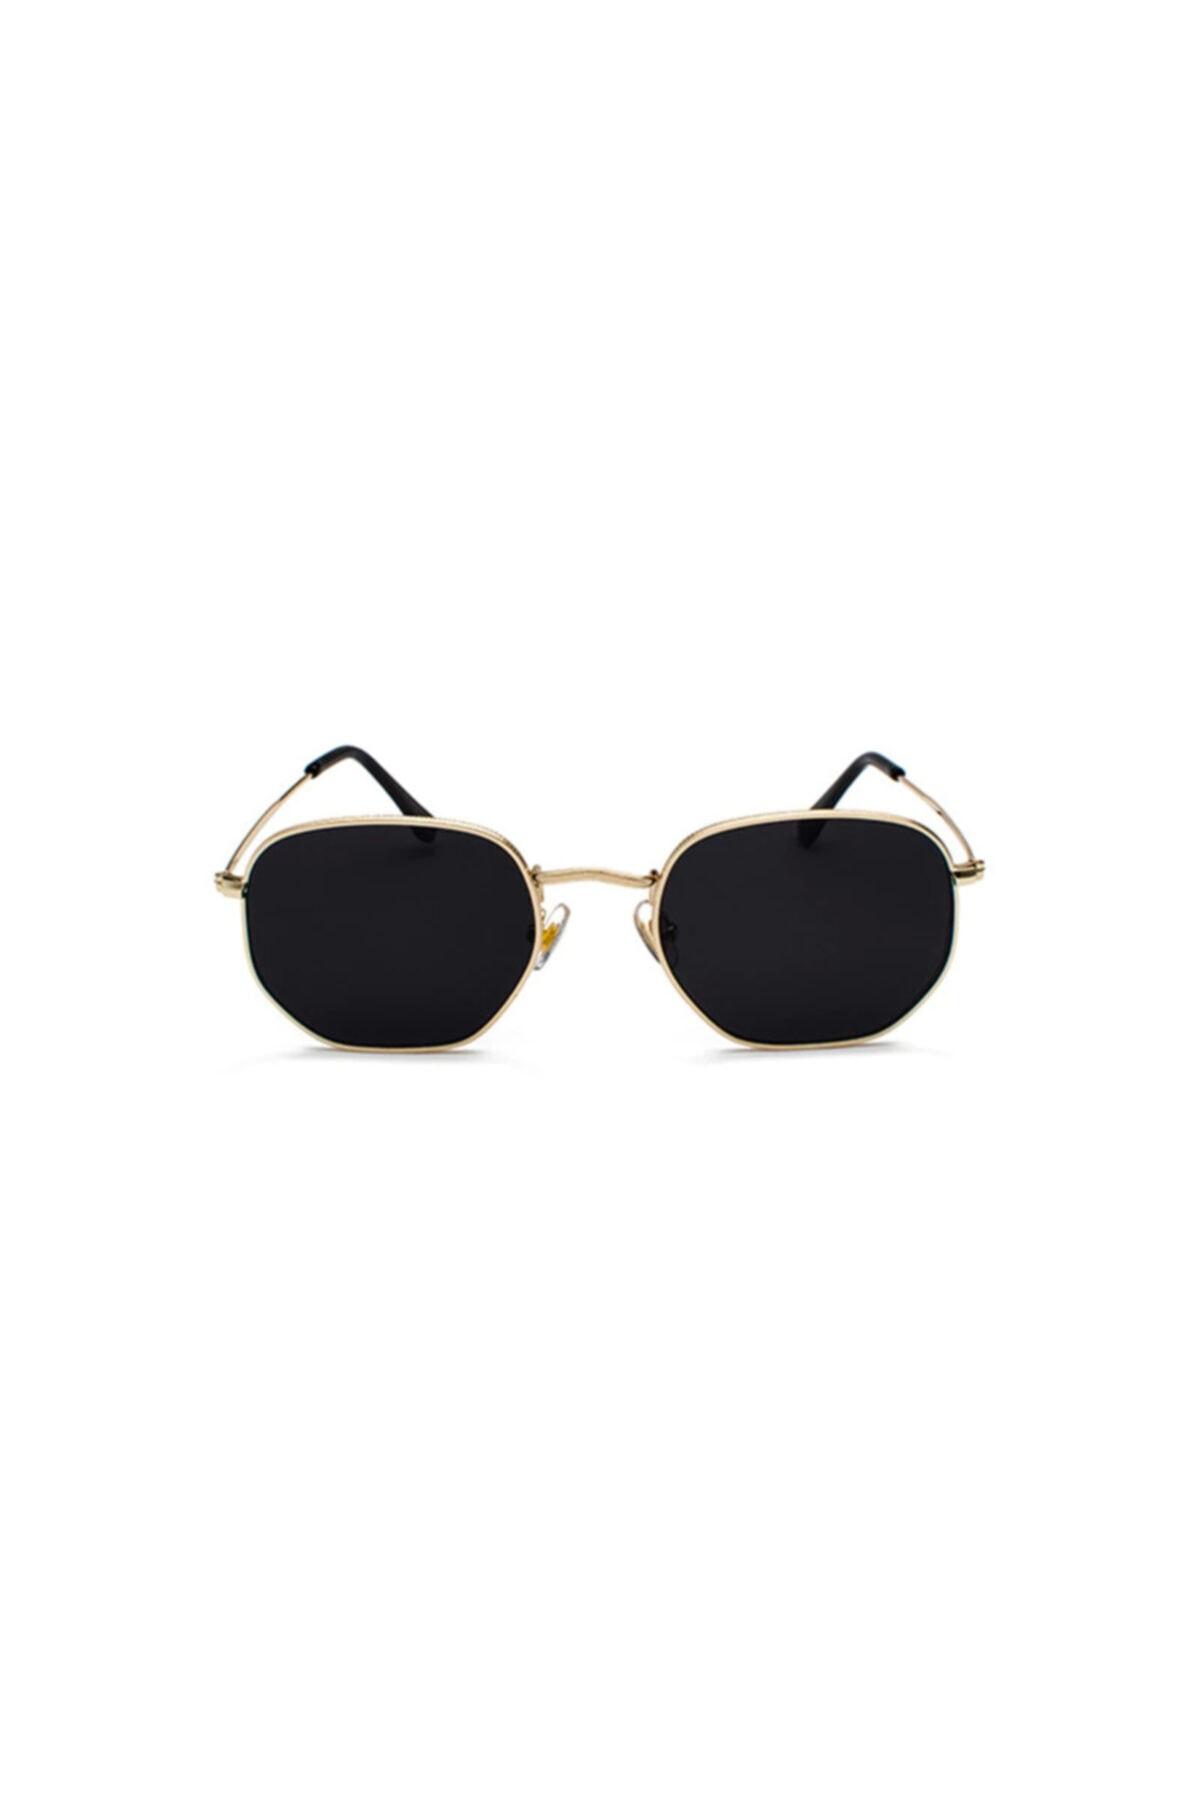 عینک آفتابی زنانه برند Mathilda Aksesuar رنگ مشکی کد ty42457456